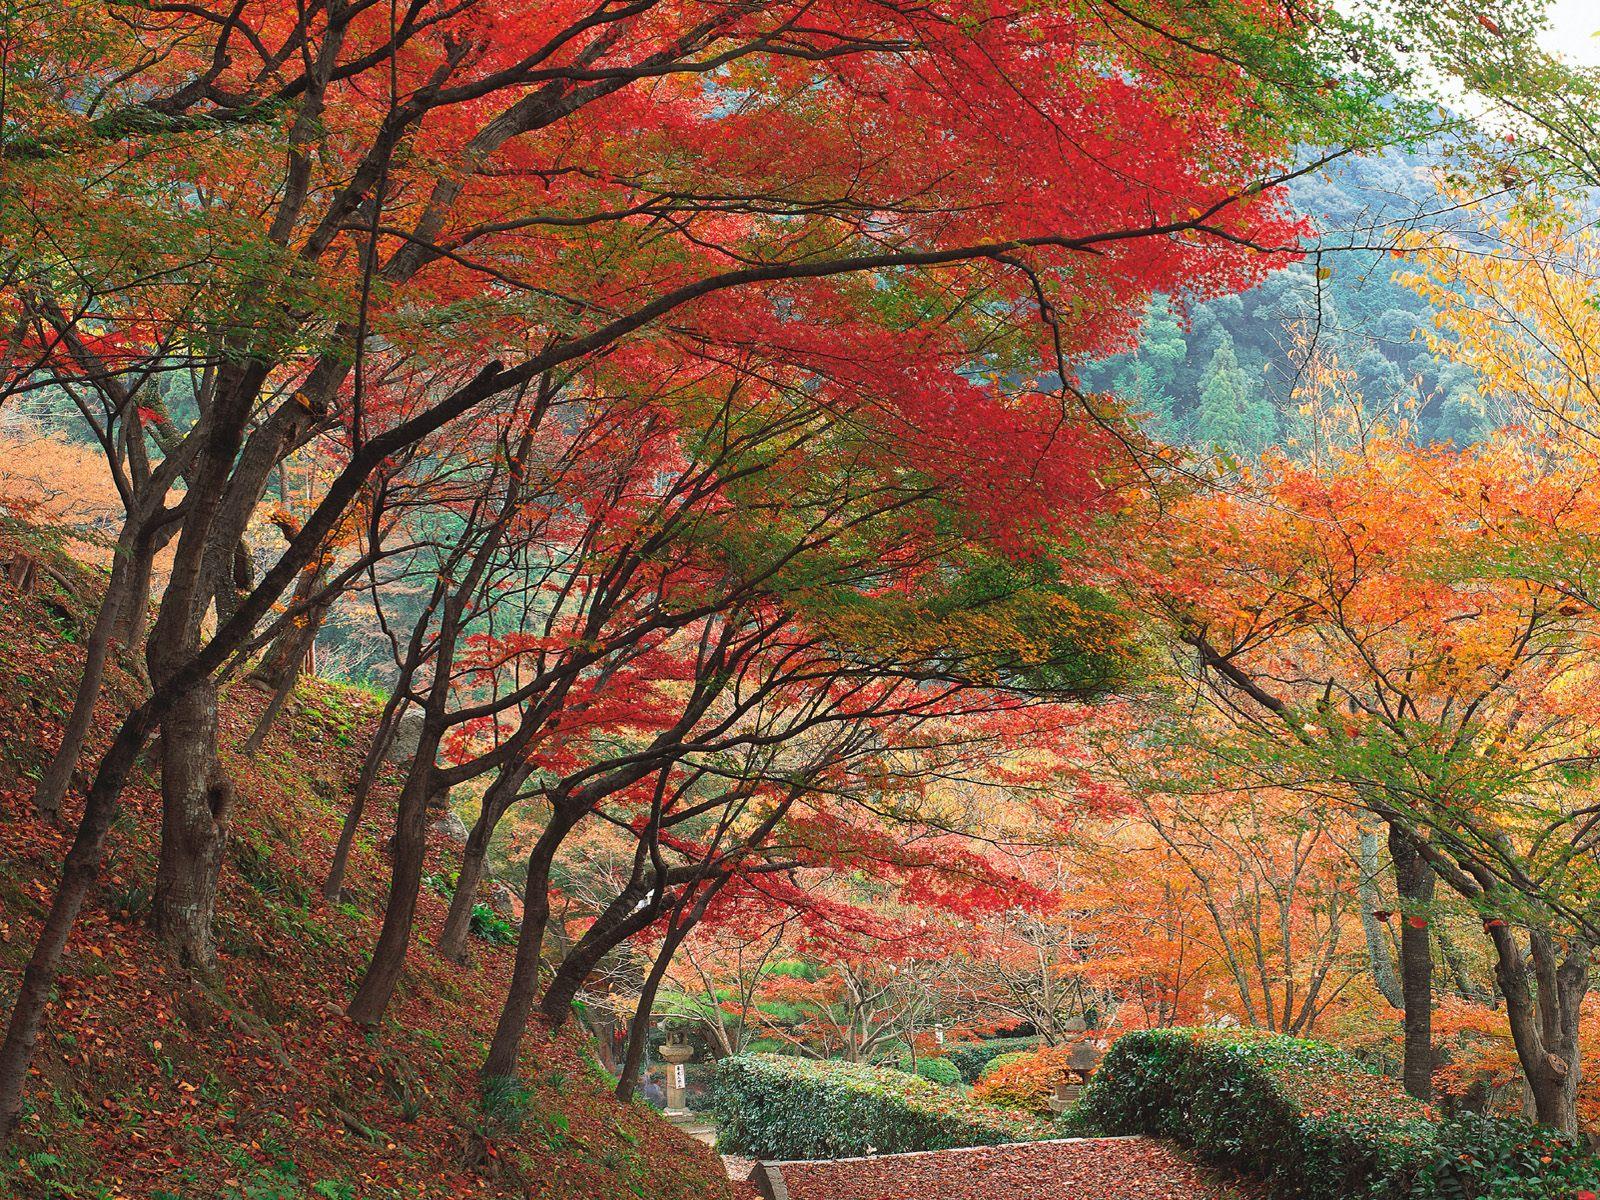 Sonbaharın rengarenk ağaçları